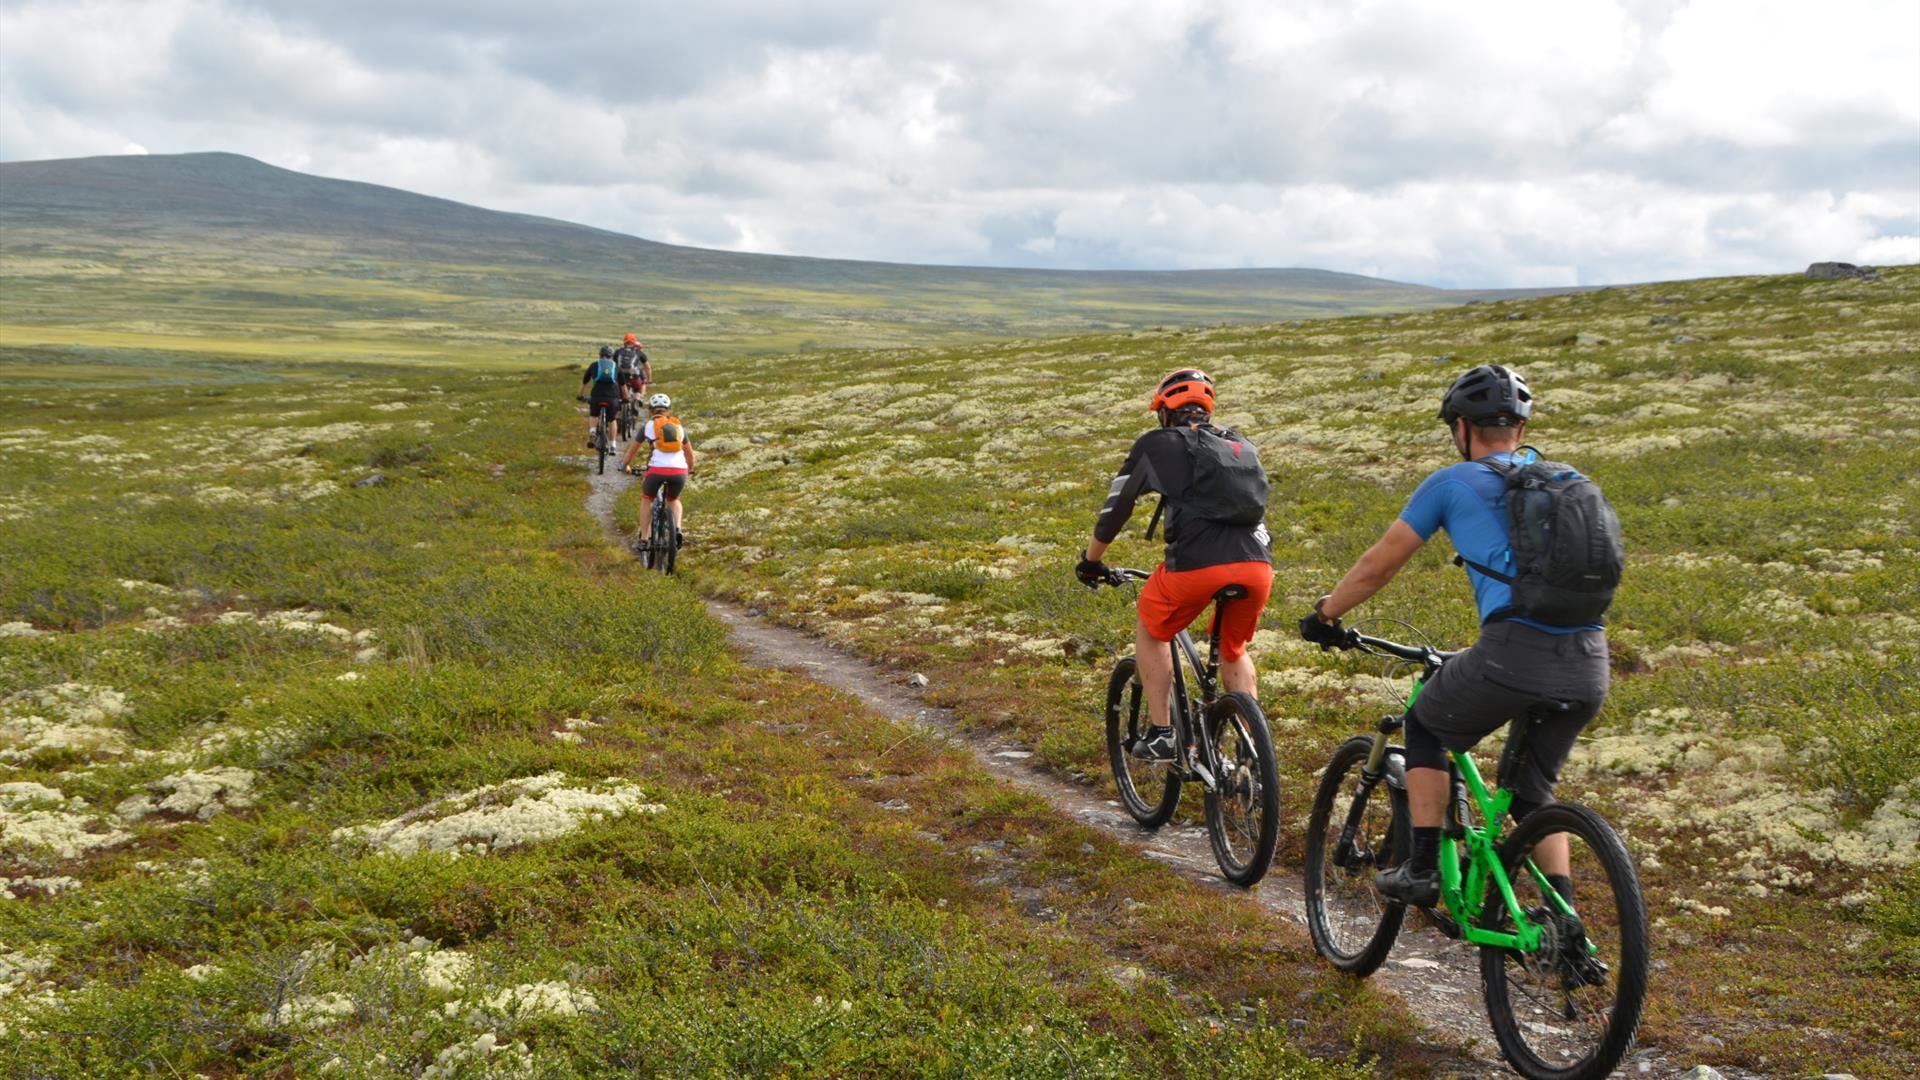 5 Mountainbiker radeln auf einem Pfad auf dem Venabygdsfjellet.